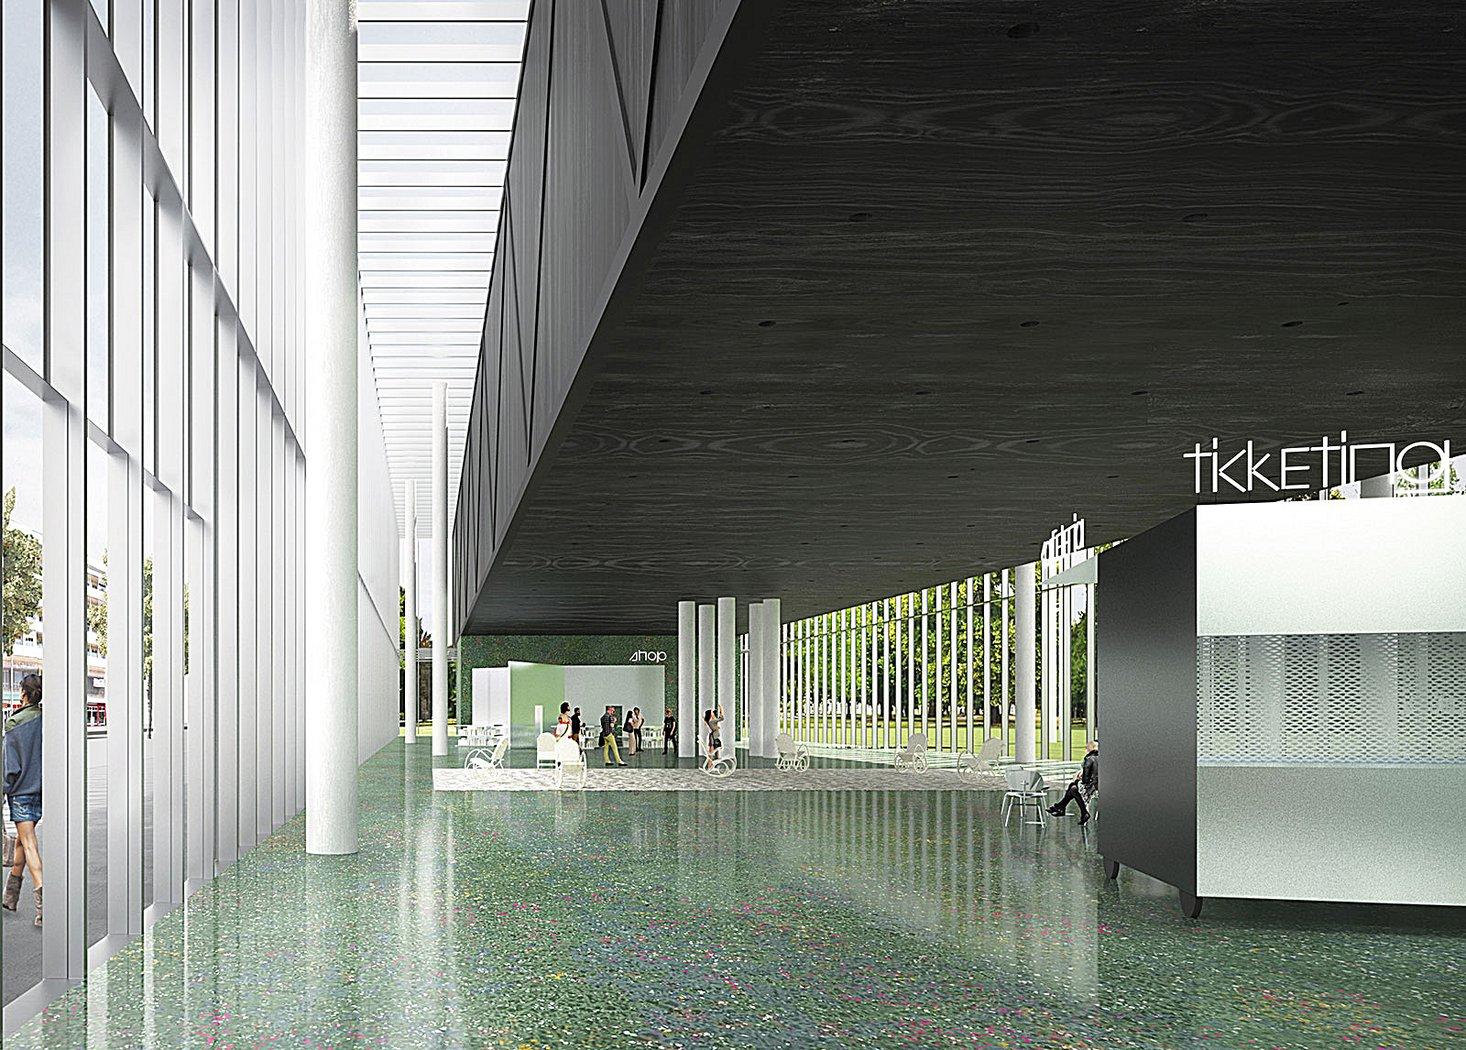 07e1421f55f96b sbd presse bmd wechselausstellung.jpg. The Bauhaus Museum Dessau ...